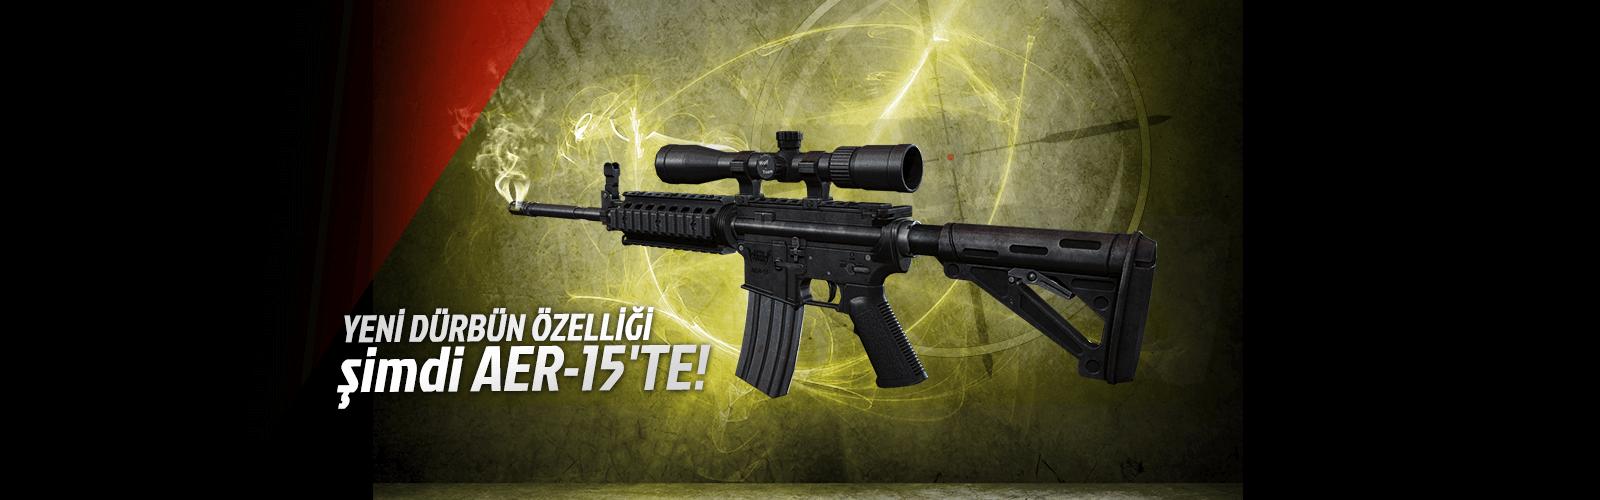 AER-15 Silahı Yenilendi!